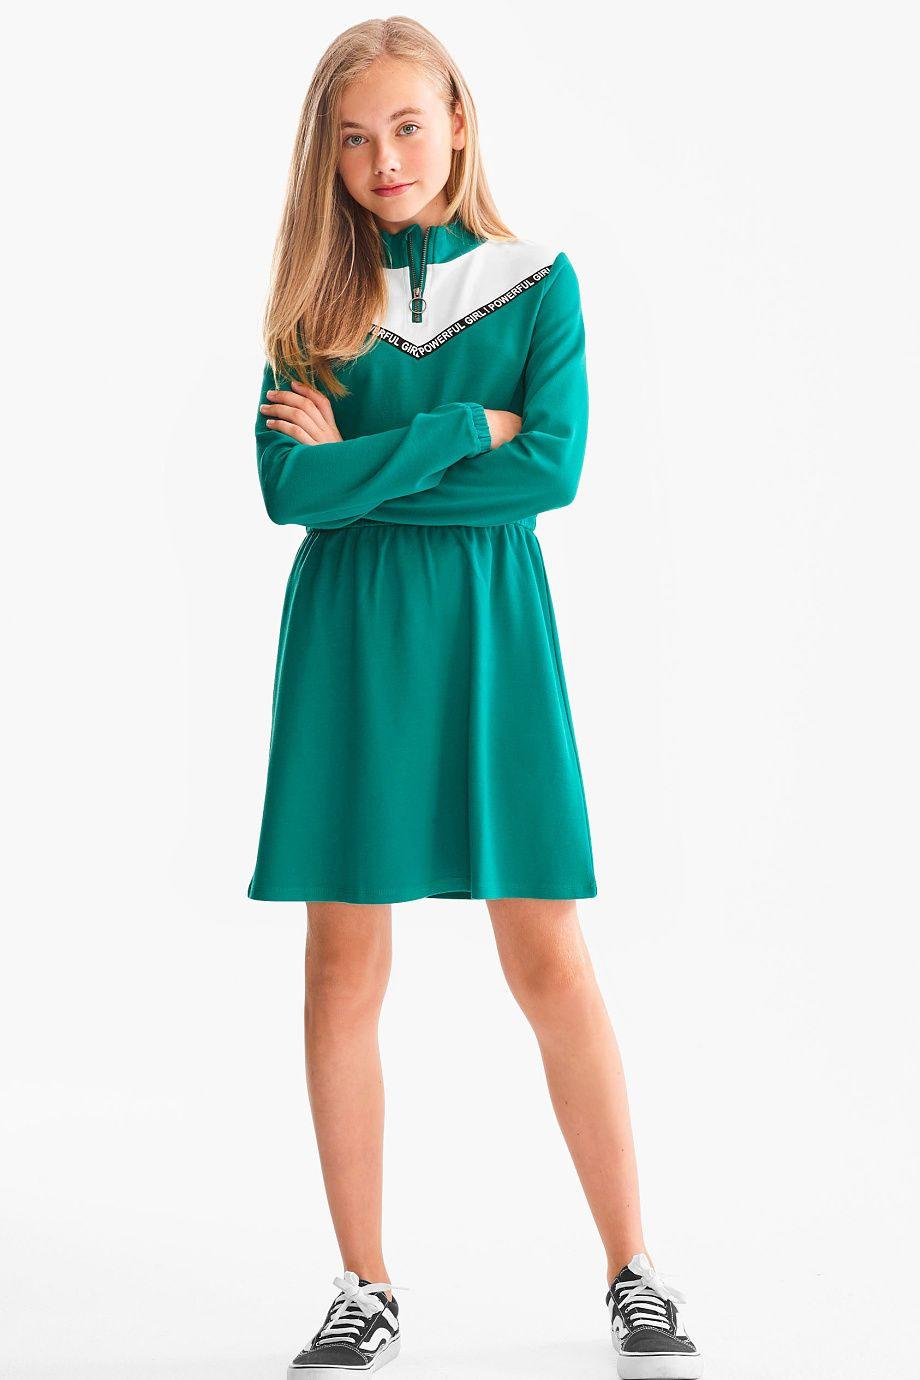 Kinder  Kleid  Grün / Cremeweiß In 2020  Kleider